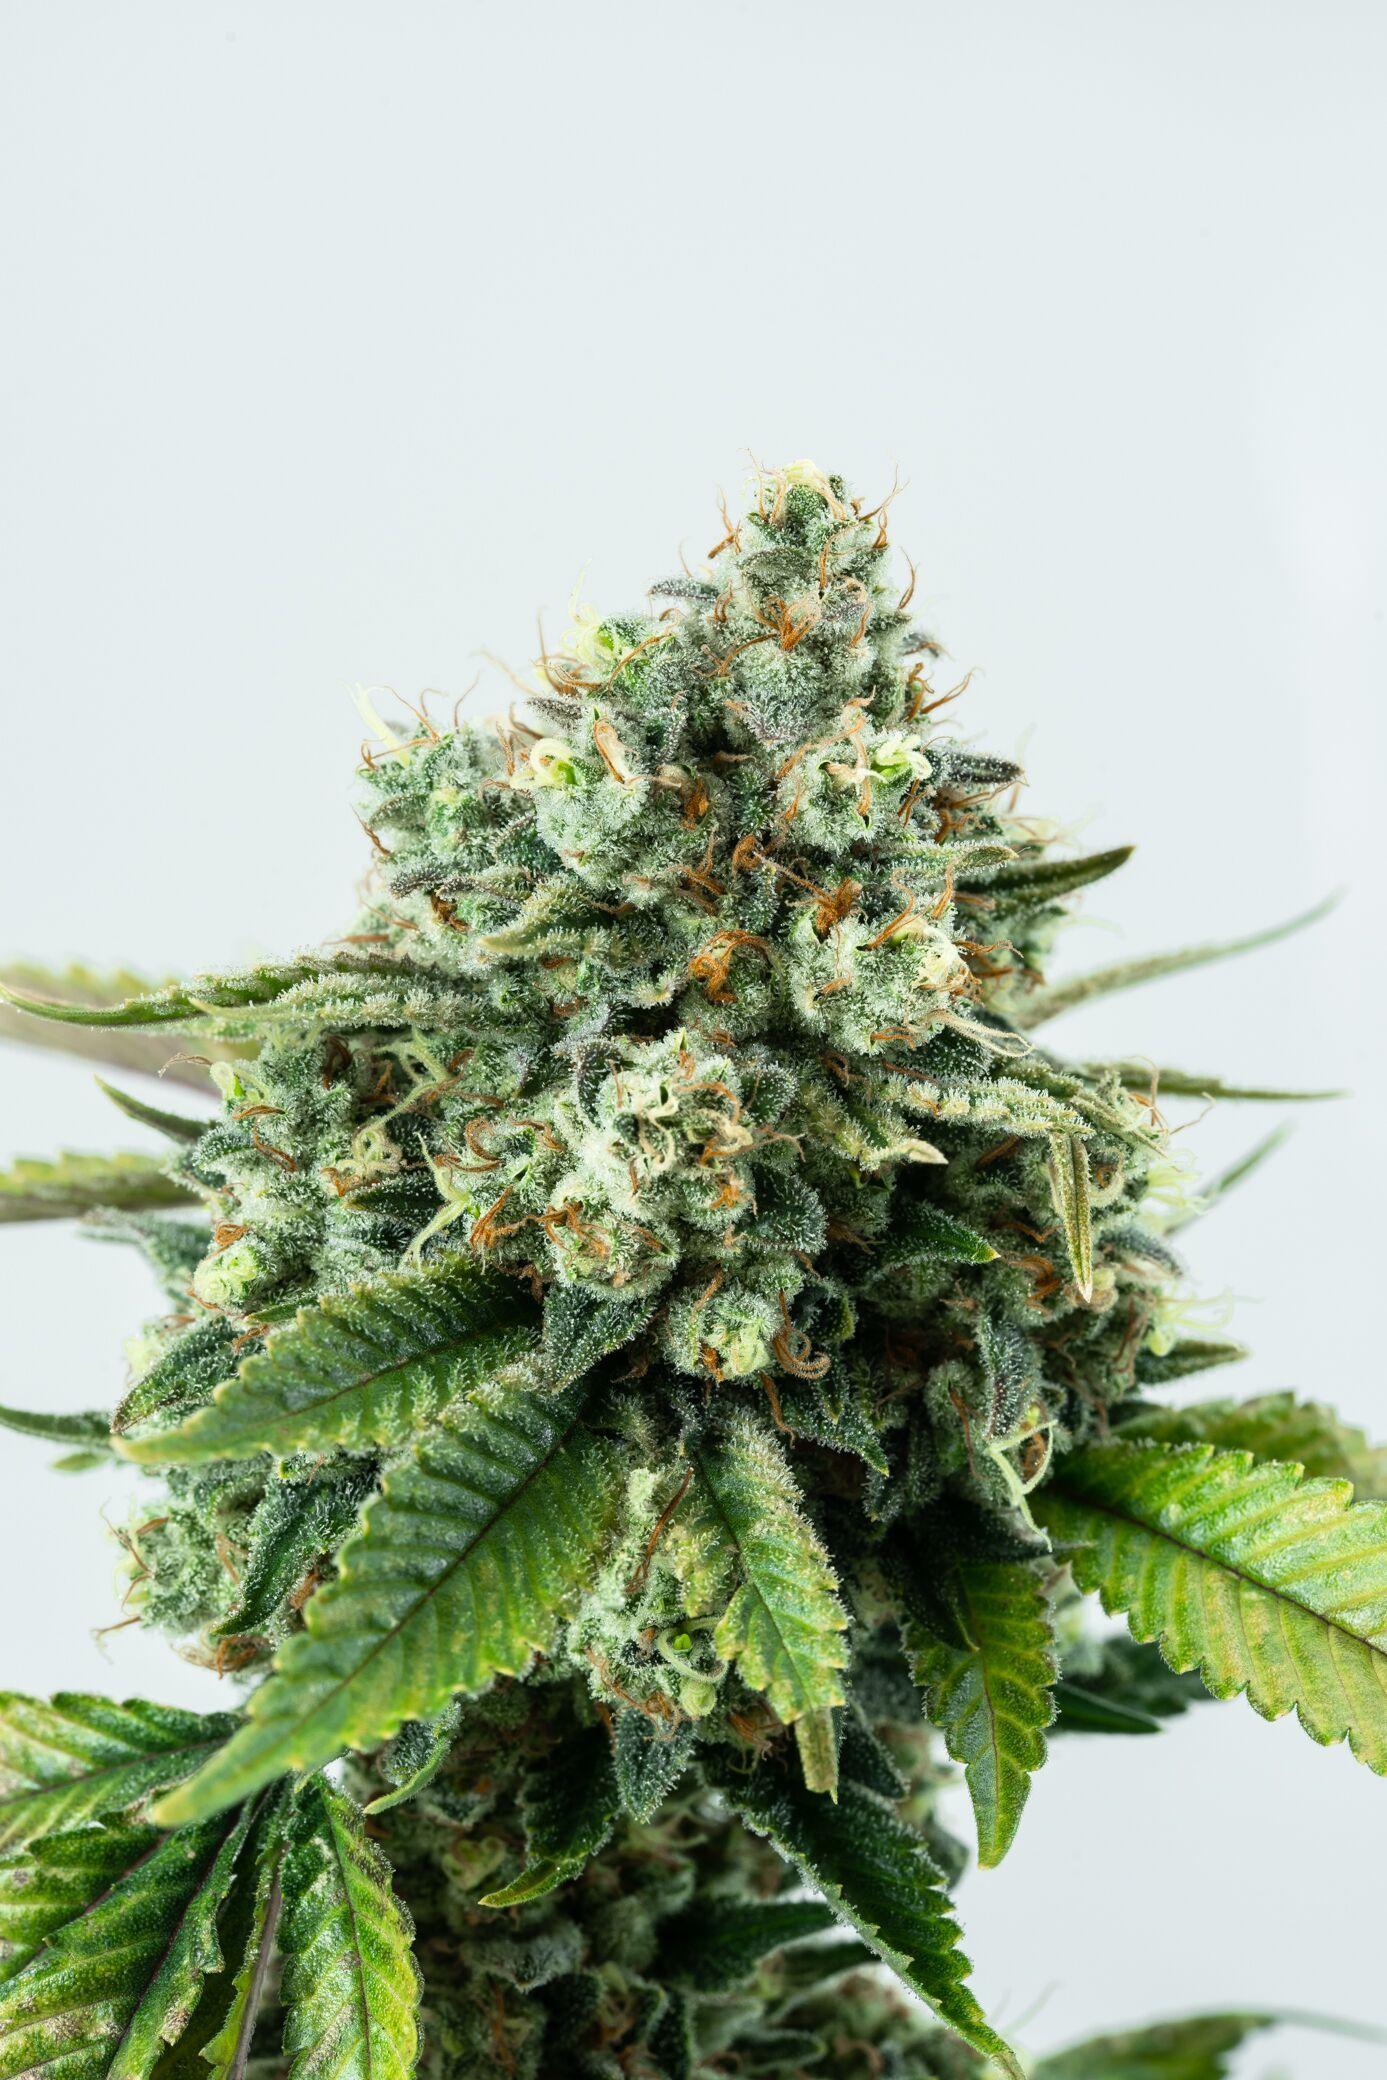 Deschutes Growery - Lemon Tree, Hybrid, Indoor